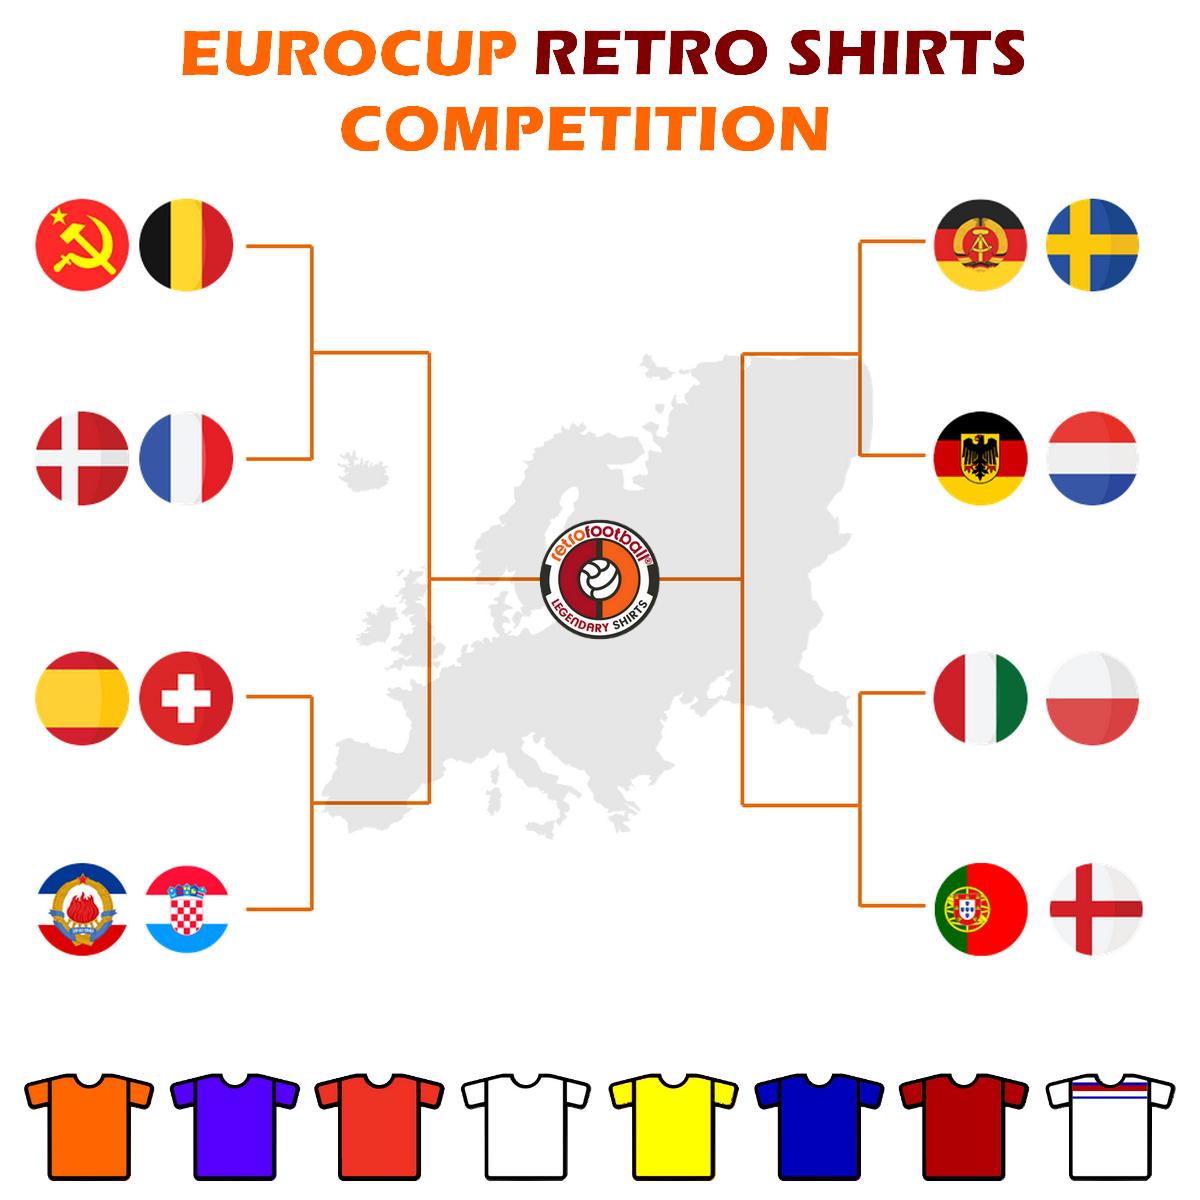 Eurocopa 2020 Retrofootball - Cuadro de partidos